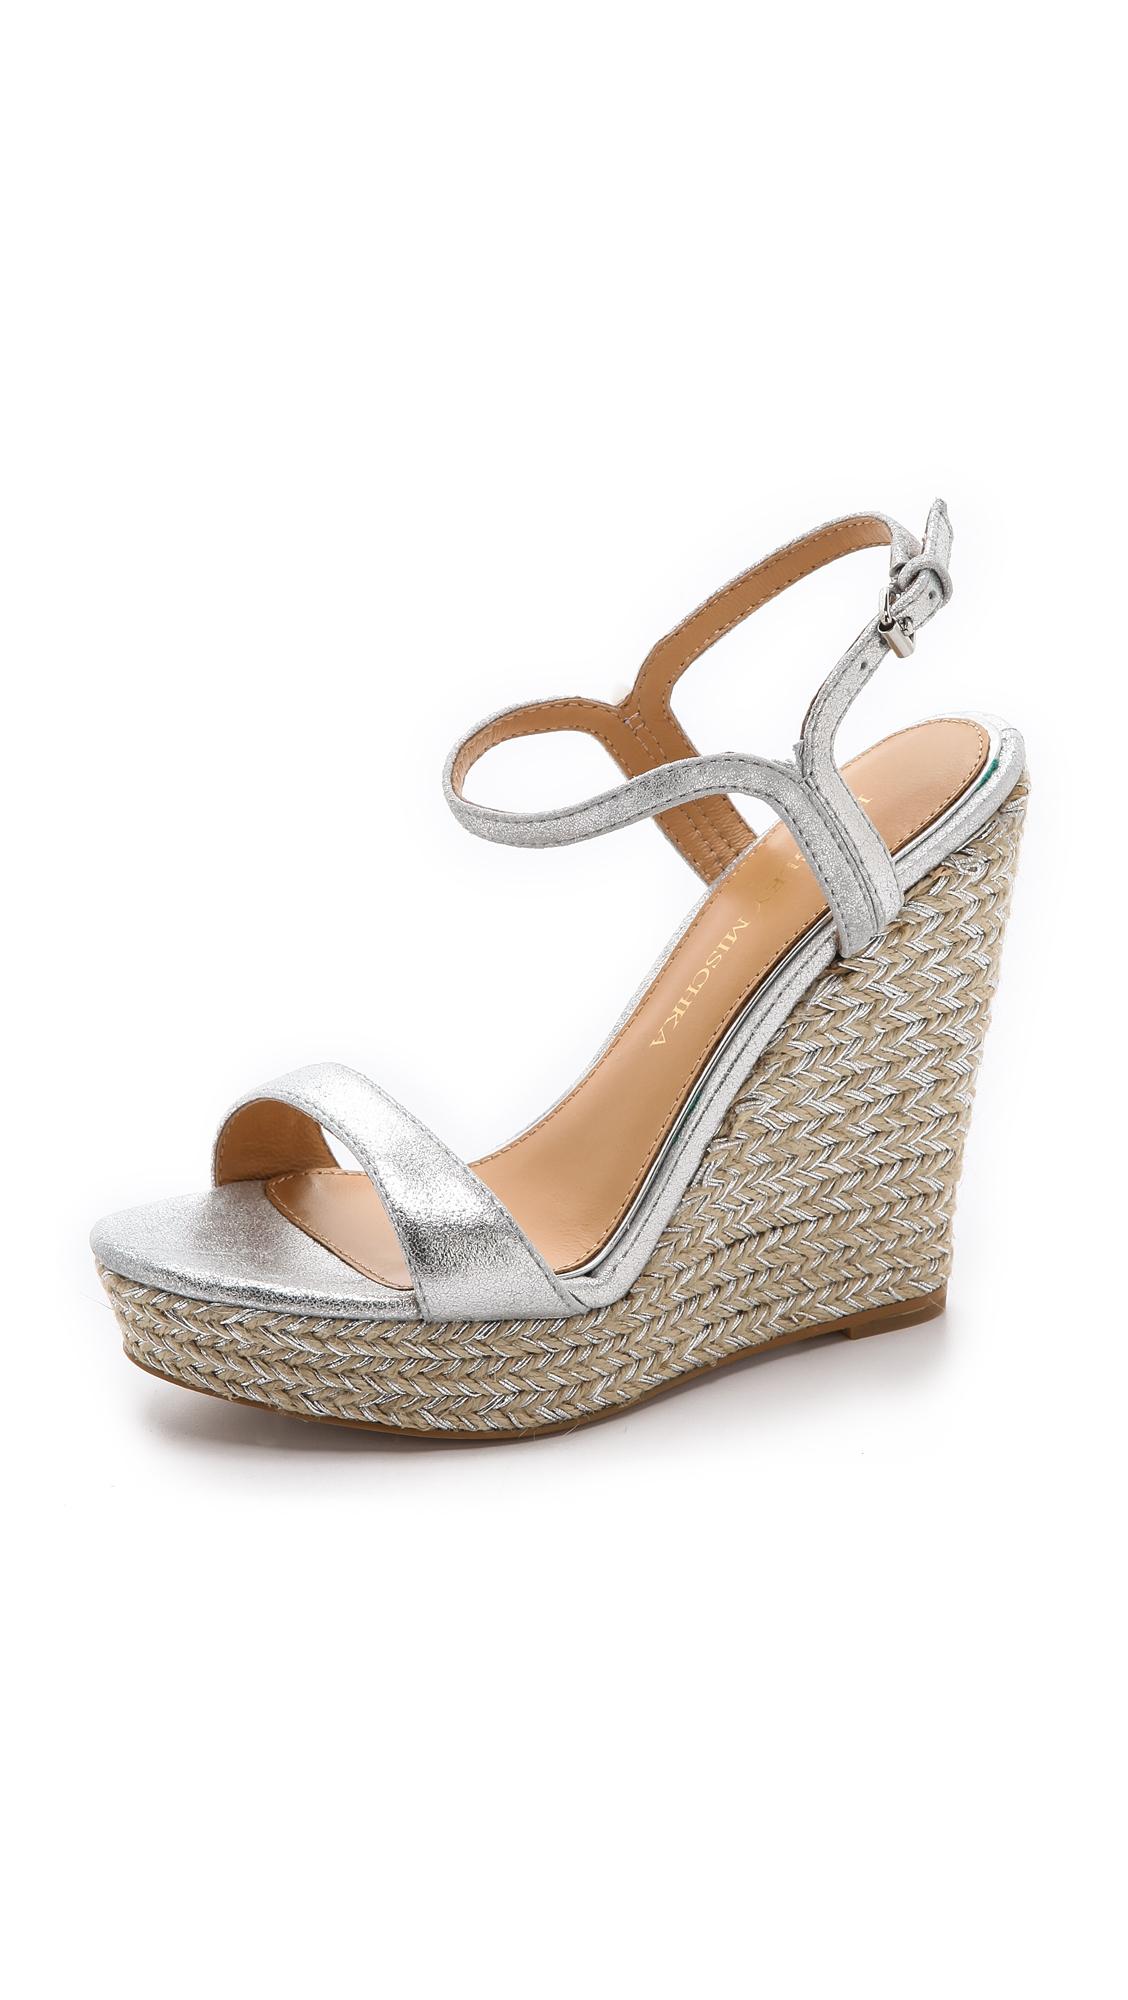 Lyst - Badgley Mischka Kleo Espadrille Wedge Sandals in ...